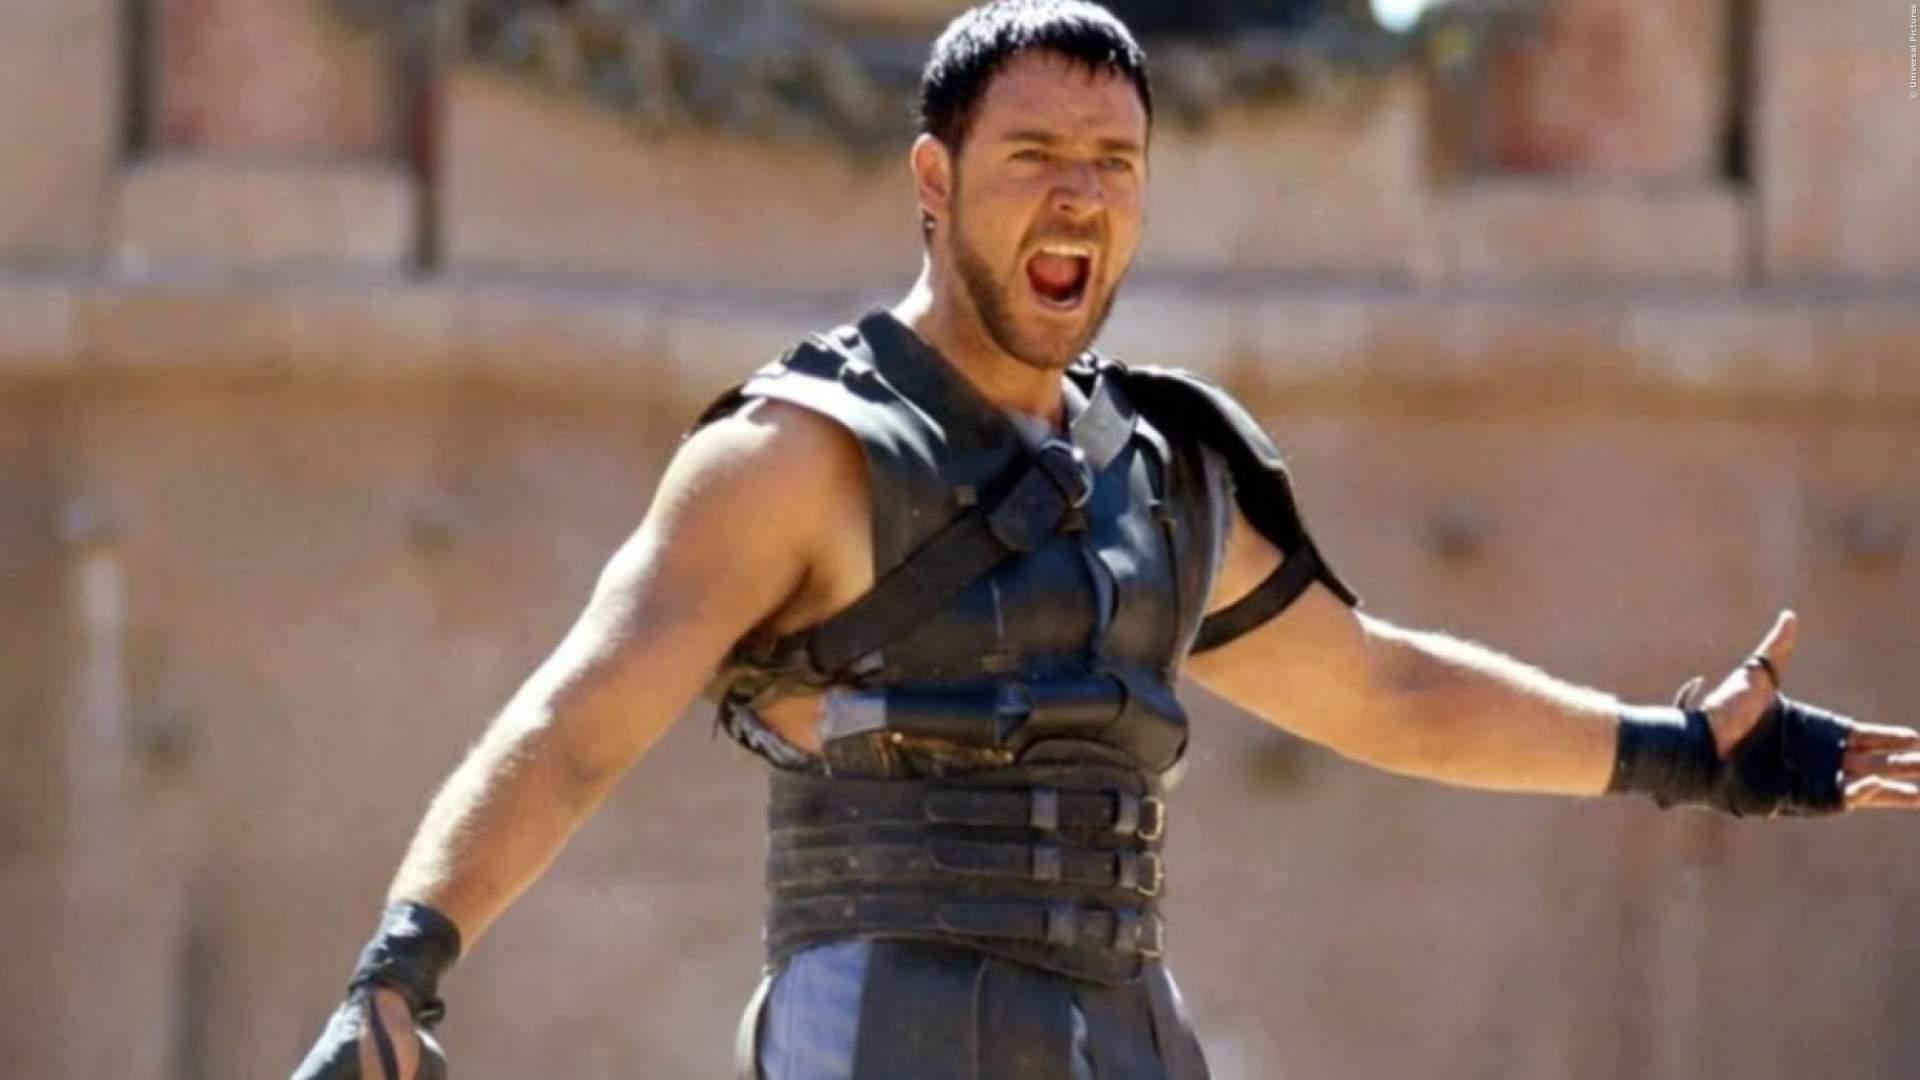 FORTSETZUNG: Endlich wissen wir, worum es in 'Gladiator 2' gehen wird